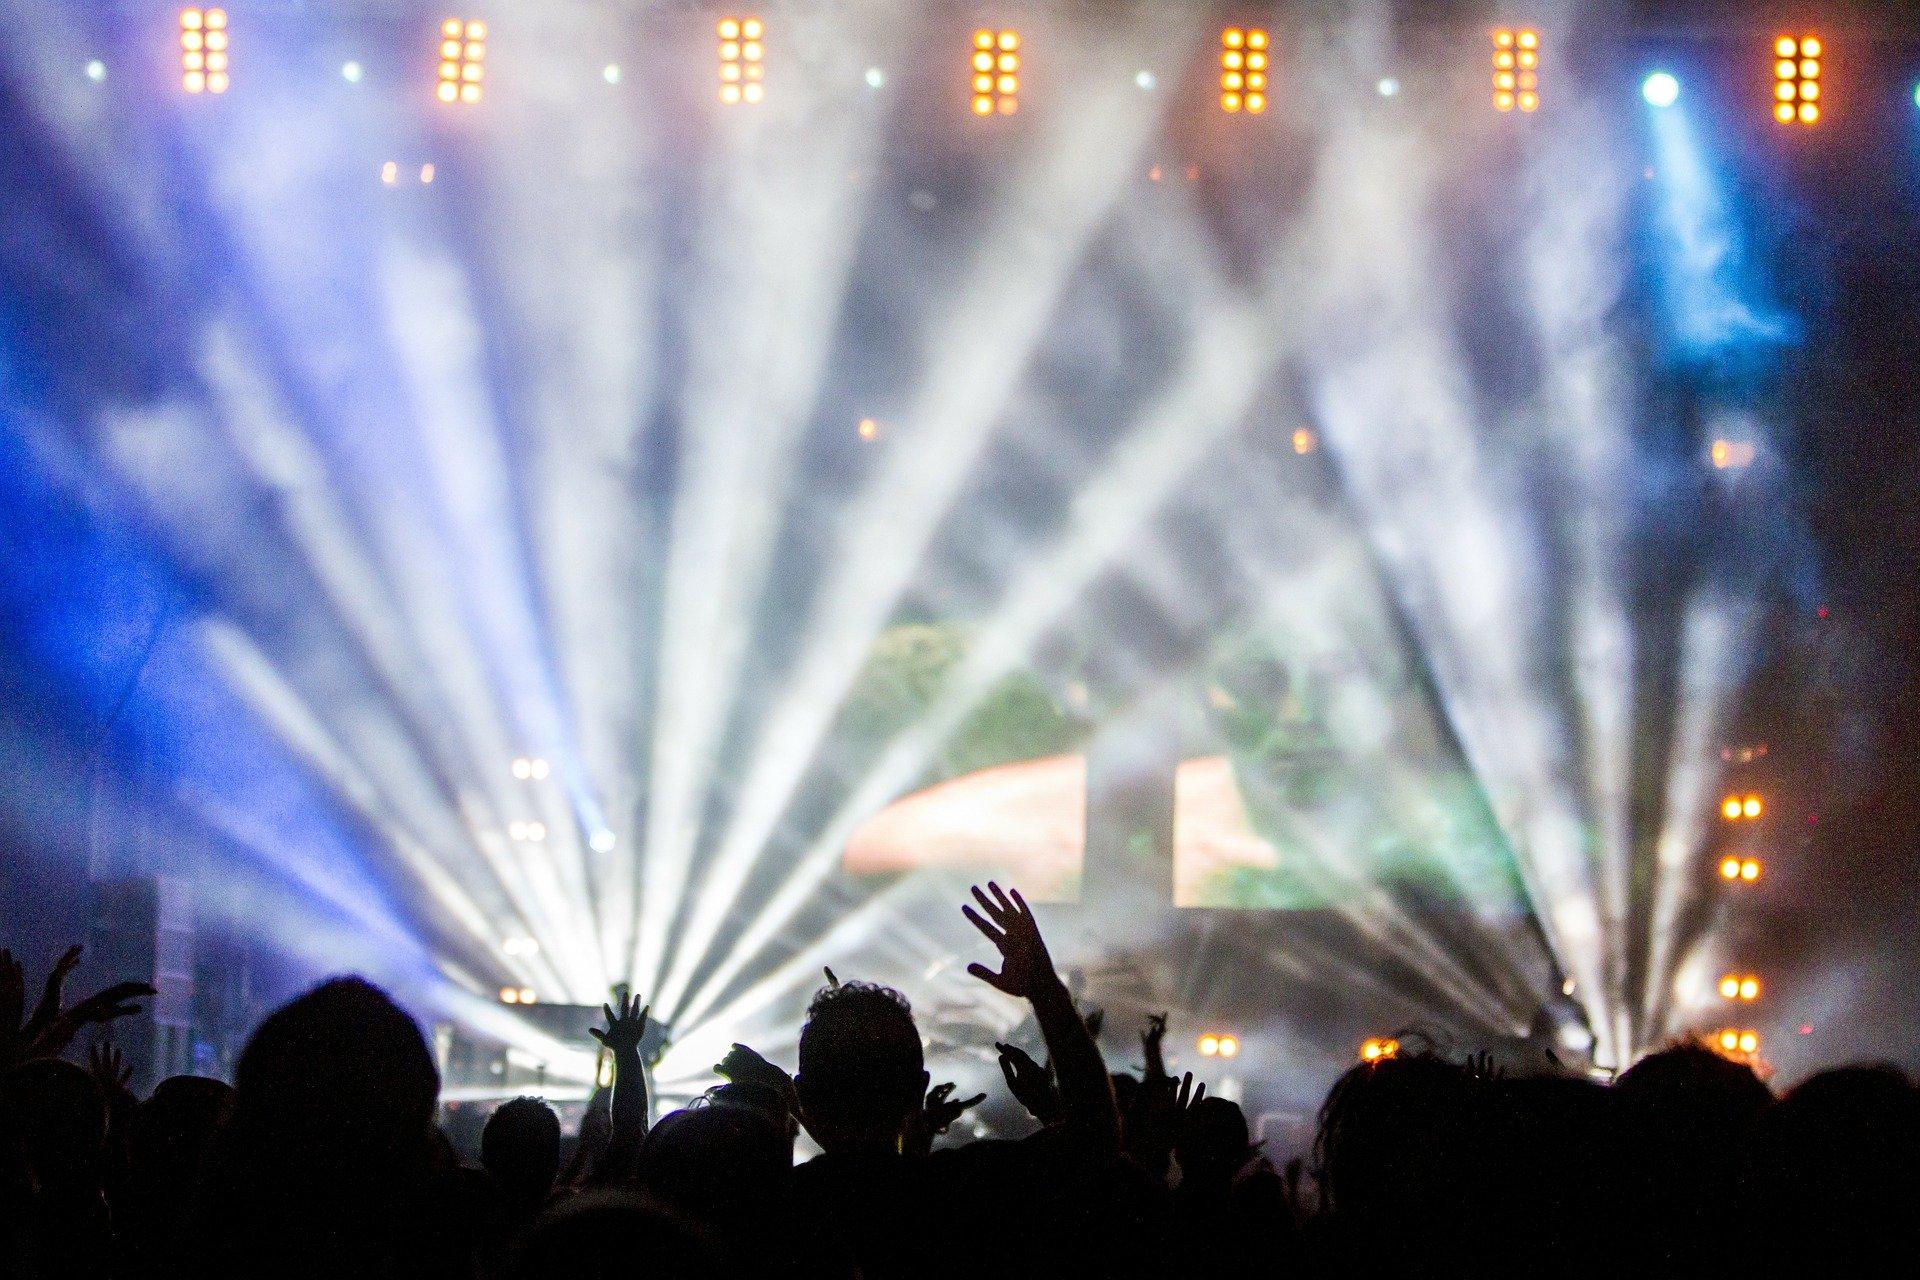 România și-a aflat numărul de intrare la Eurovision